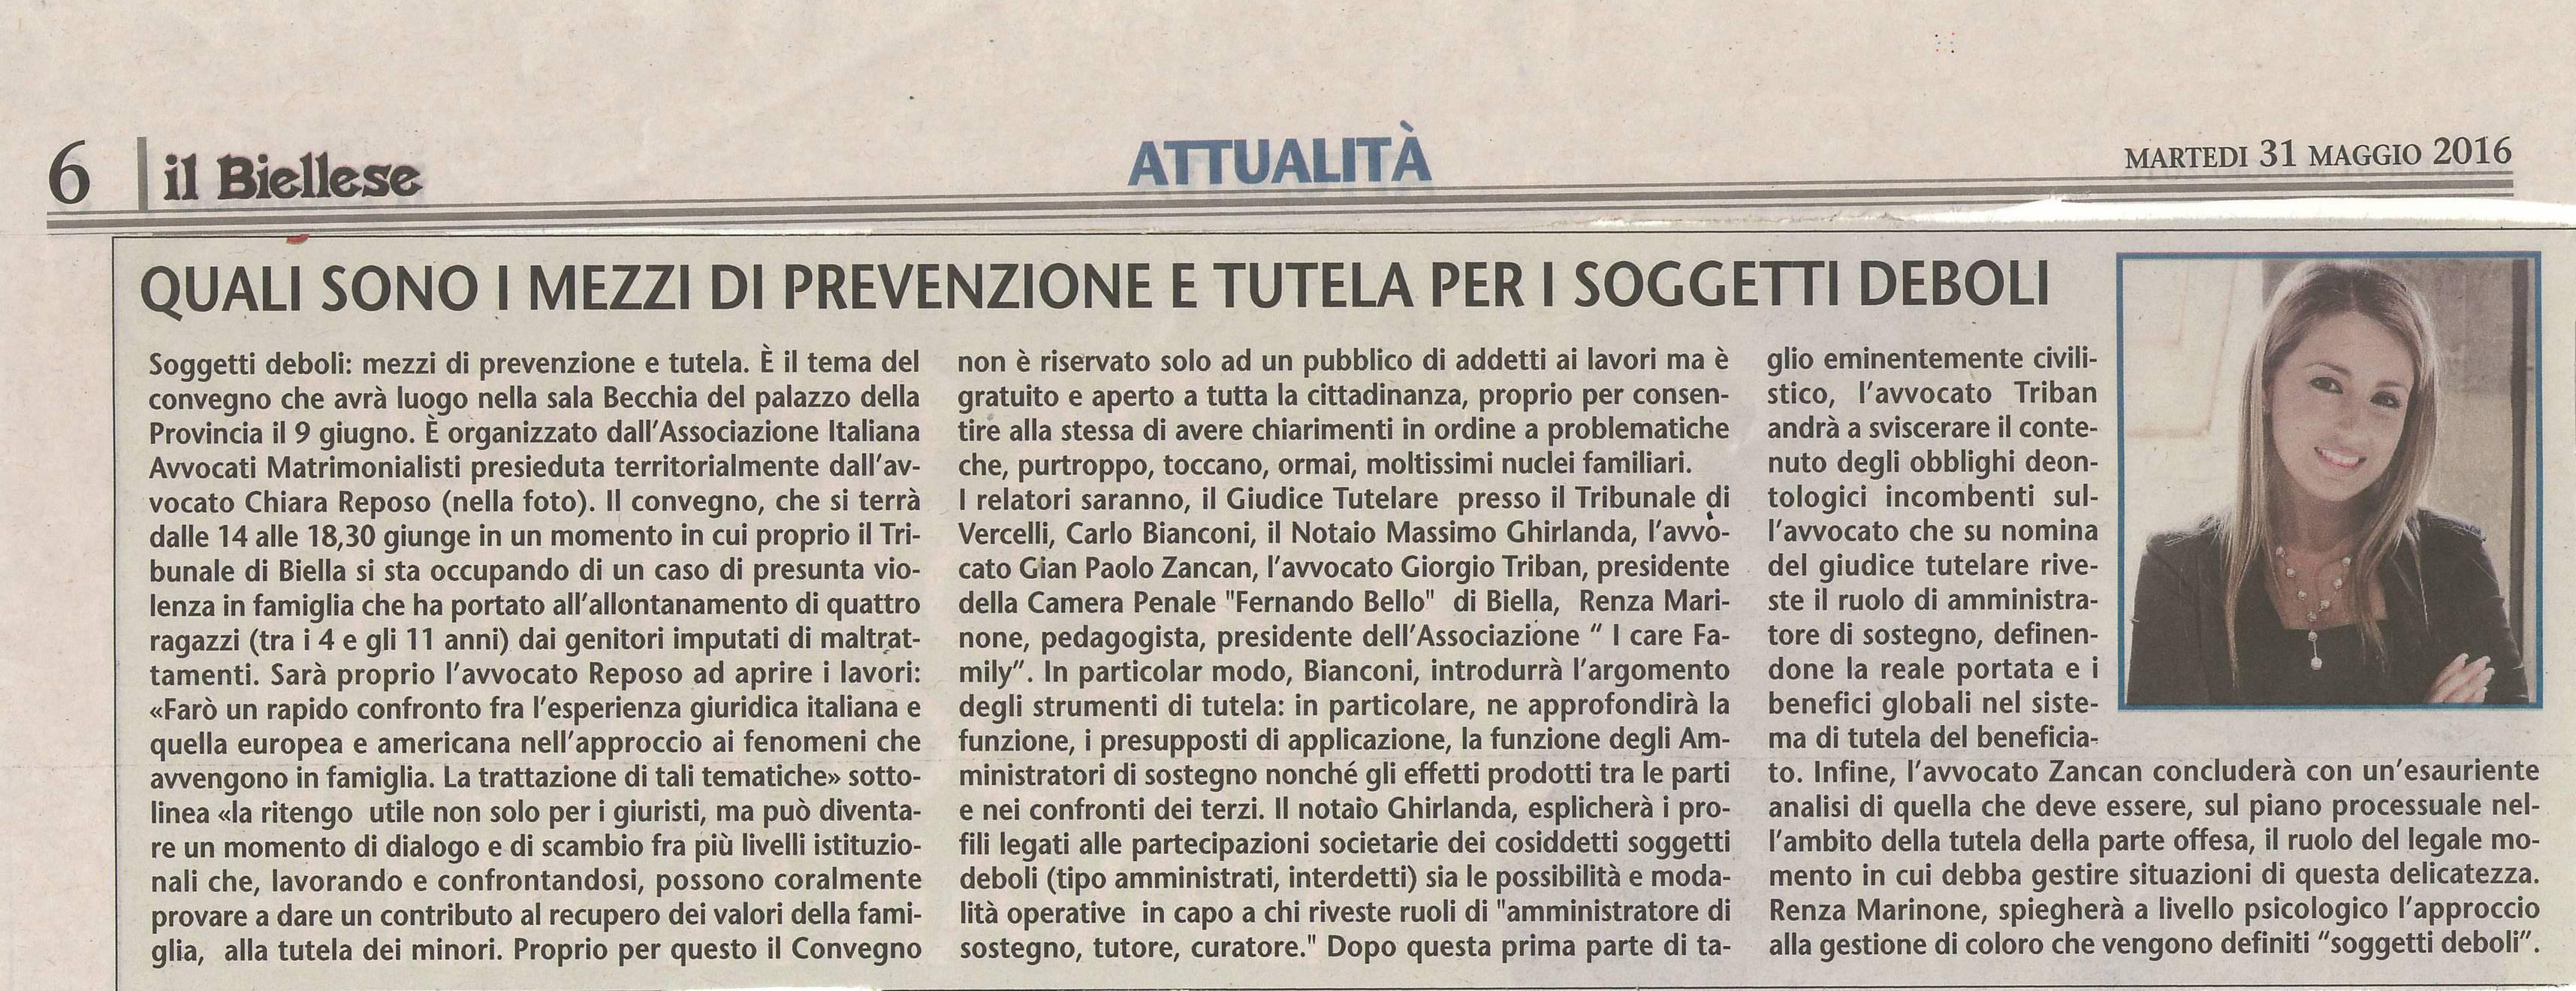 articolo-il-biellese-del-31-06-2016